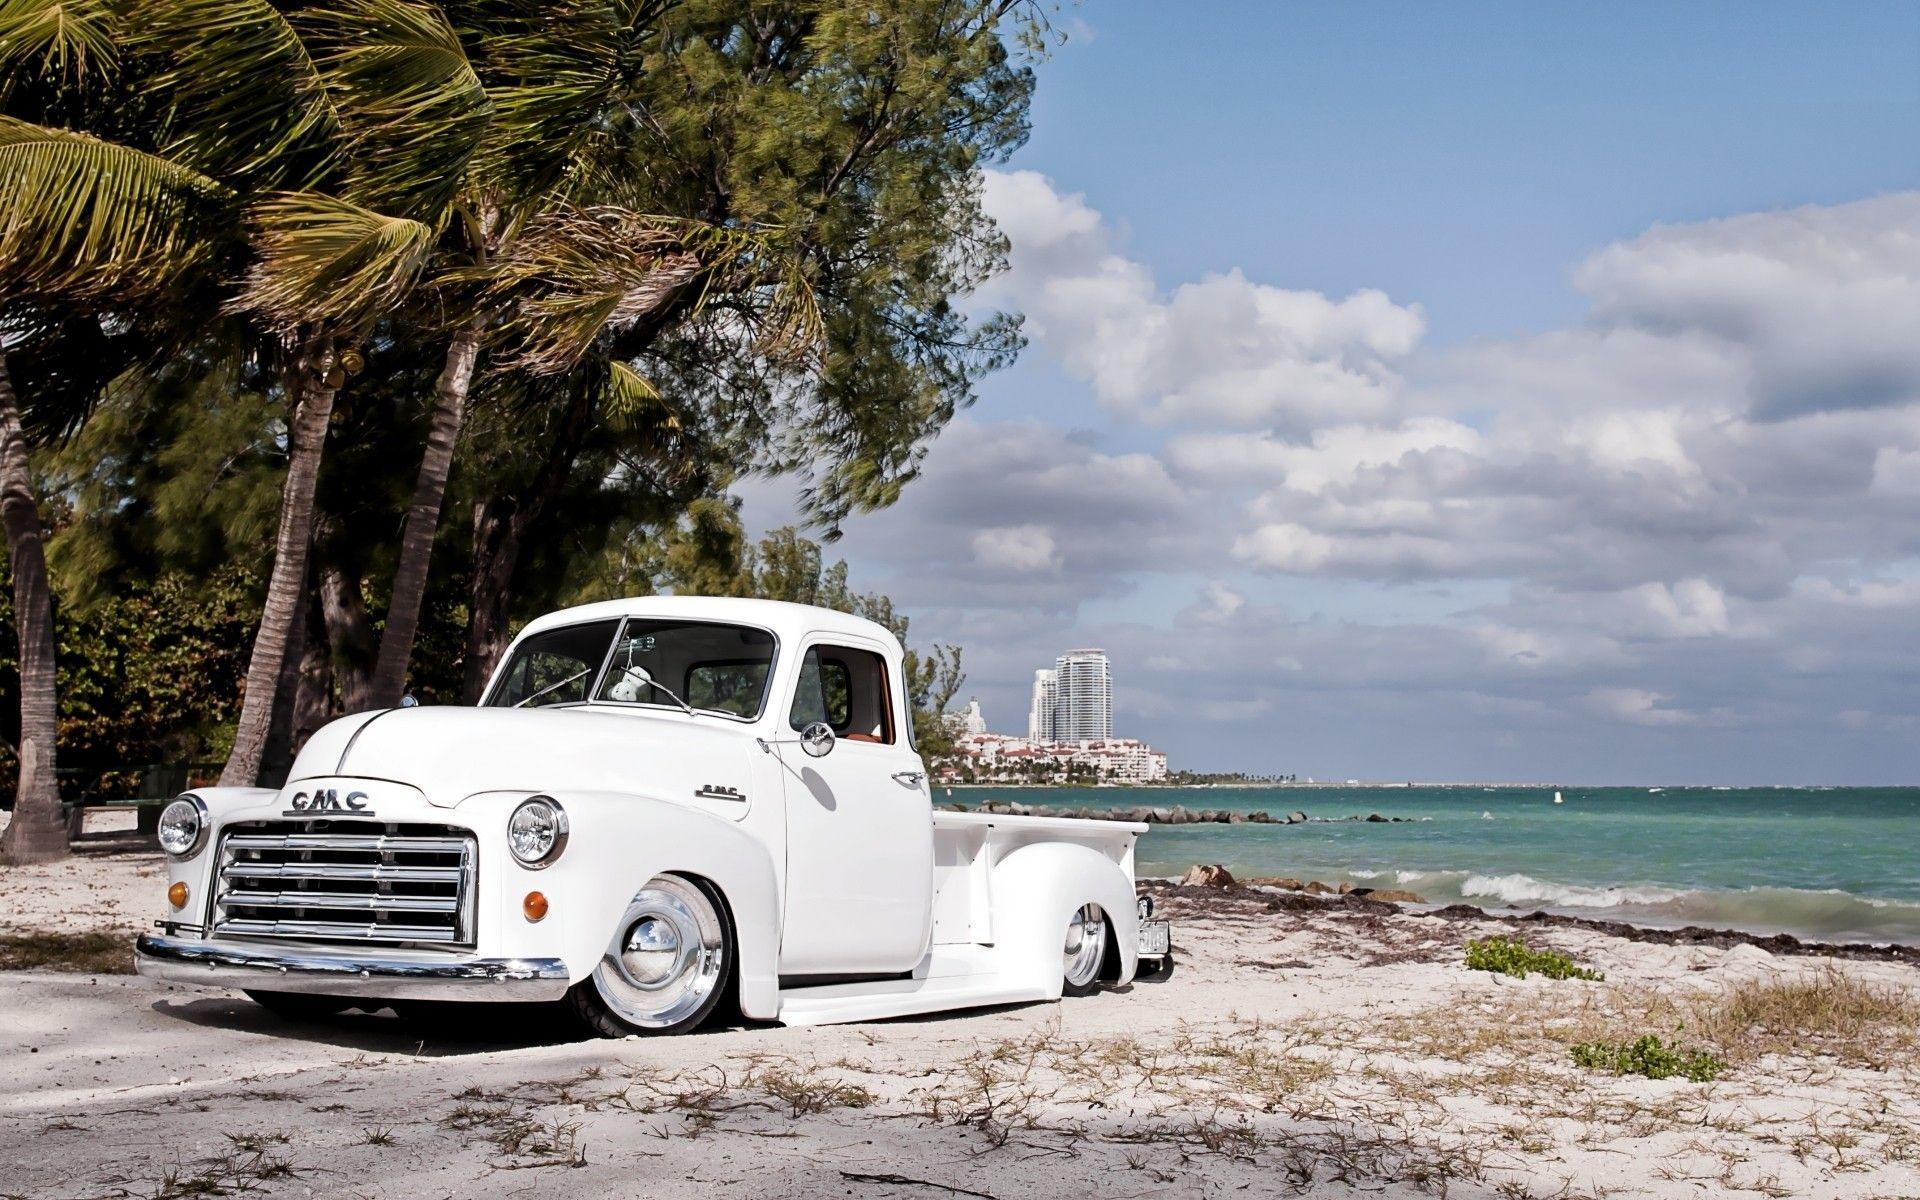 1948 Gmc Pickup Beach Cars Truck Yeah Lowriders